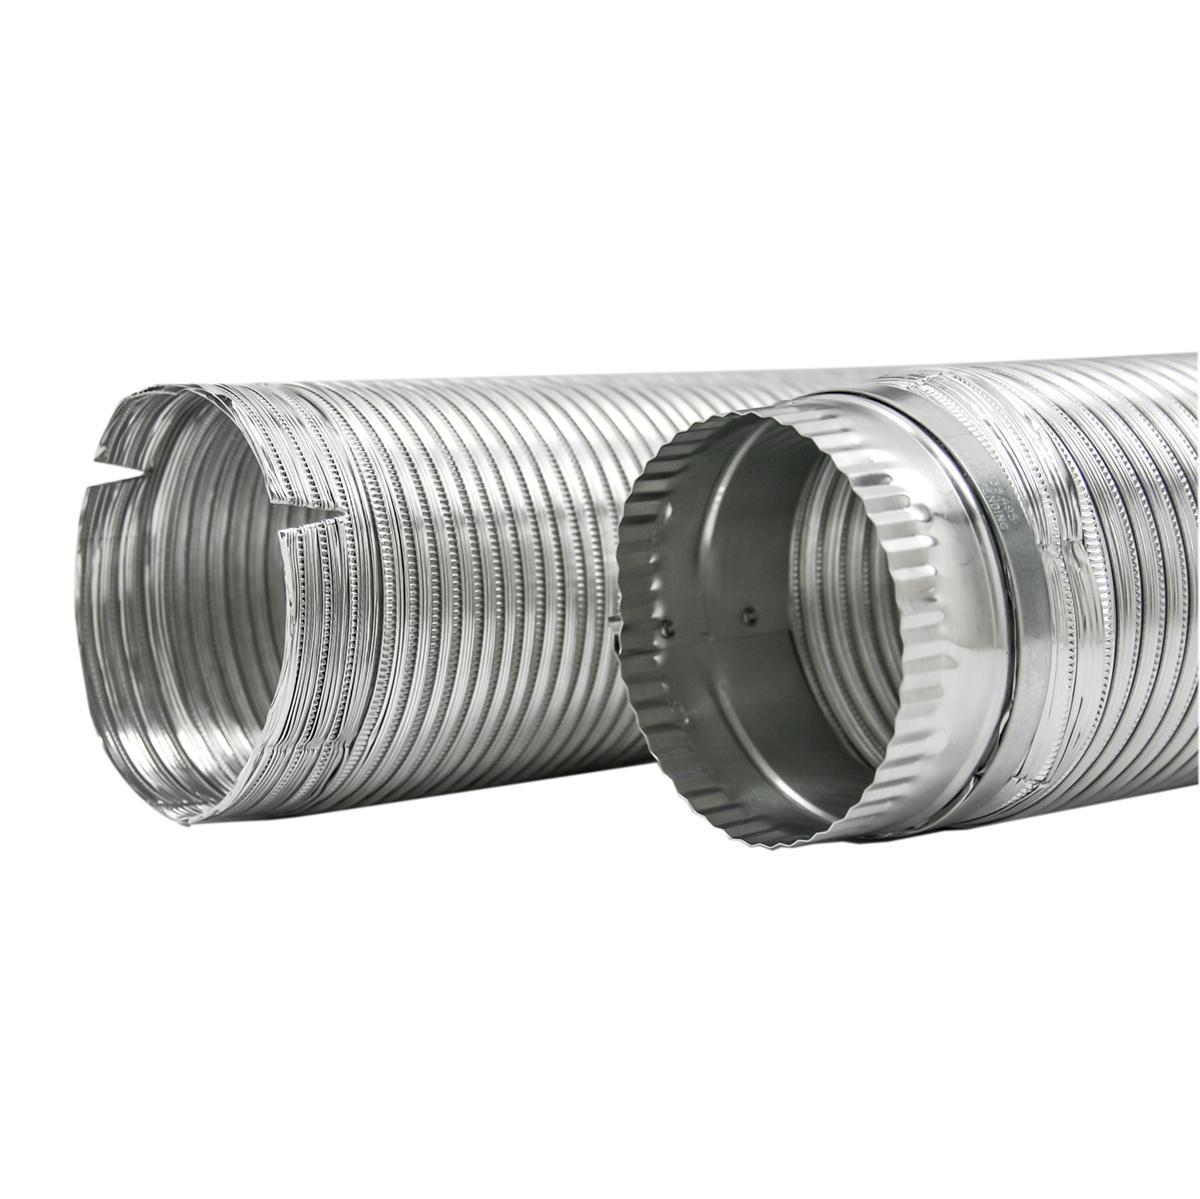 V530e Z Fasten Pipe Builder S Best